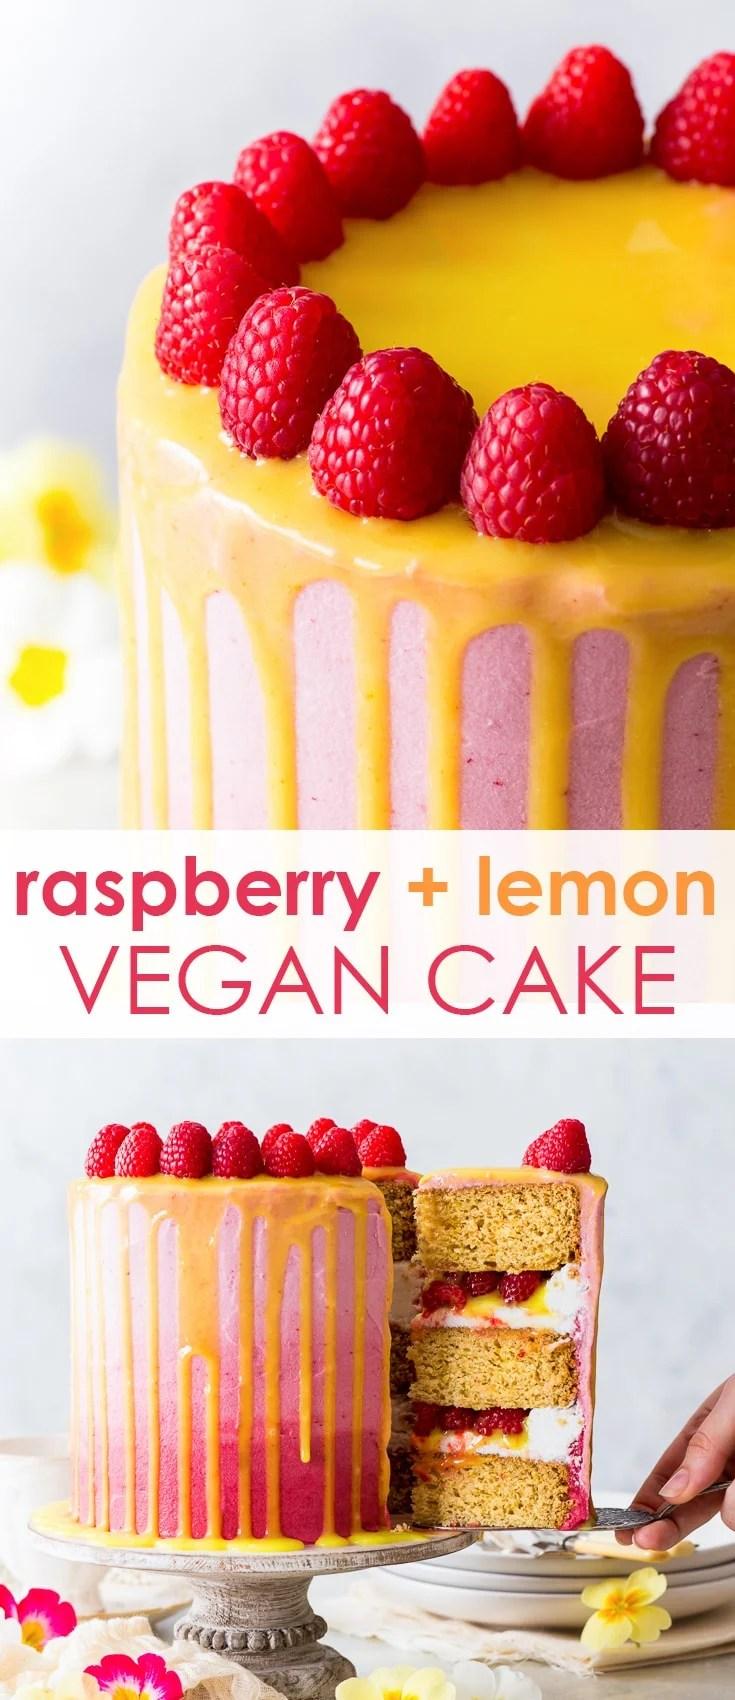 Vegan Raspberry Amp Lemon Cake The Loopy Whisk